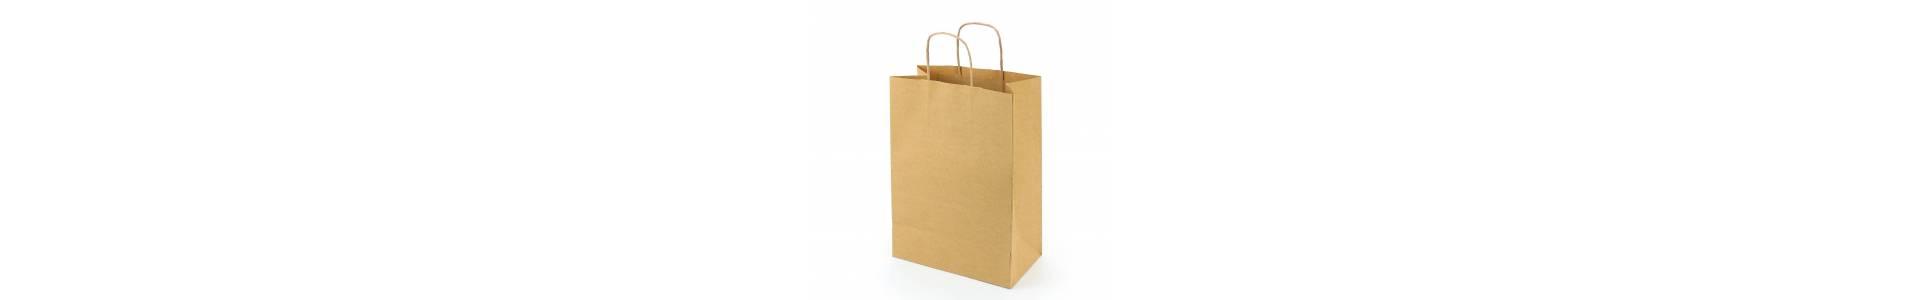 ▷ Comprar envoltorio de regalo | Regalantes